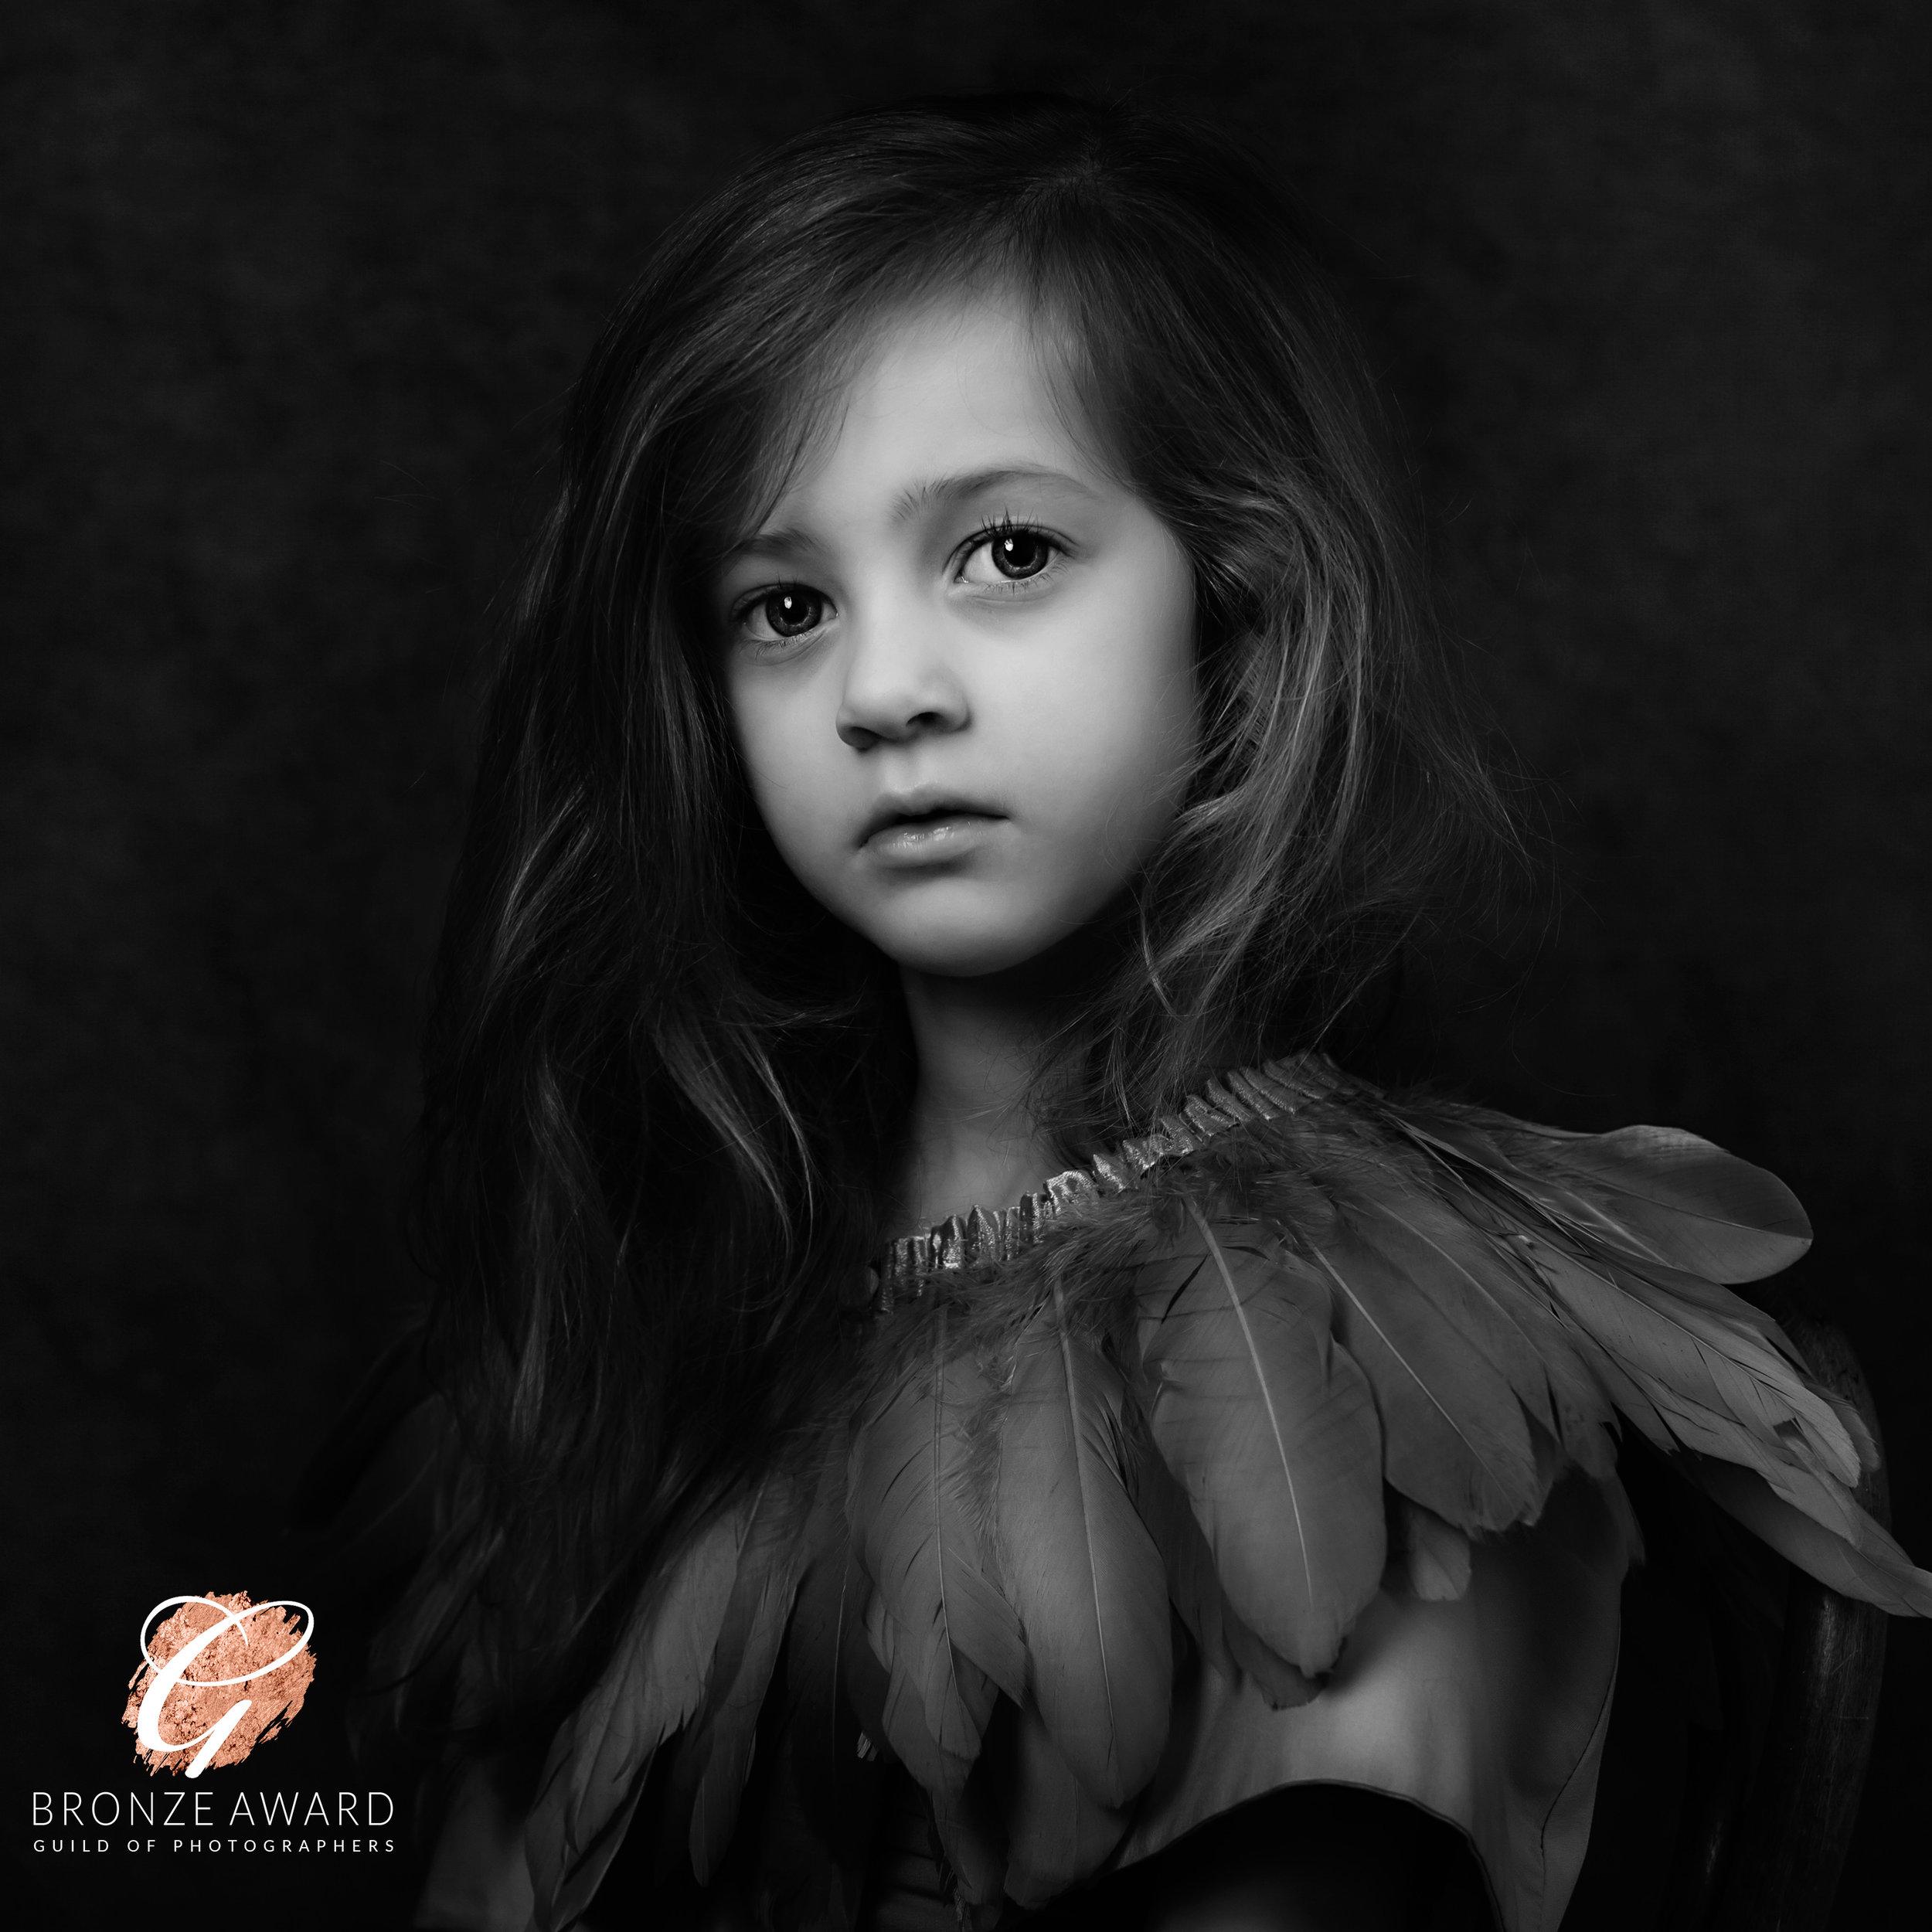 Award winning image - Karen Kimmins Photography.